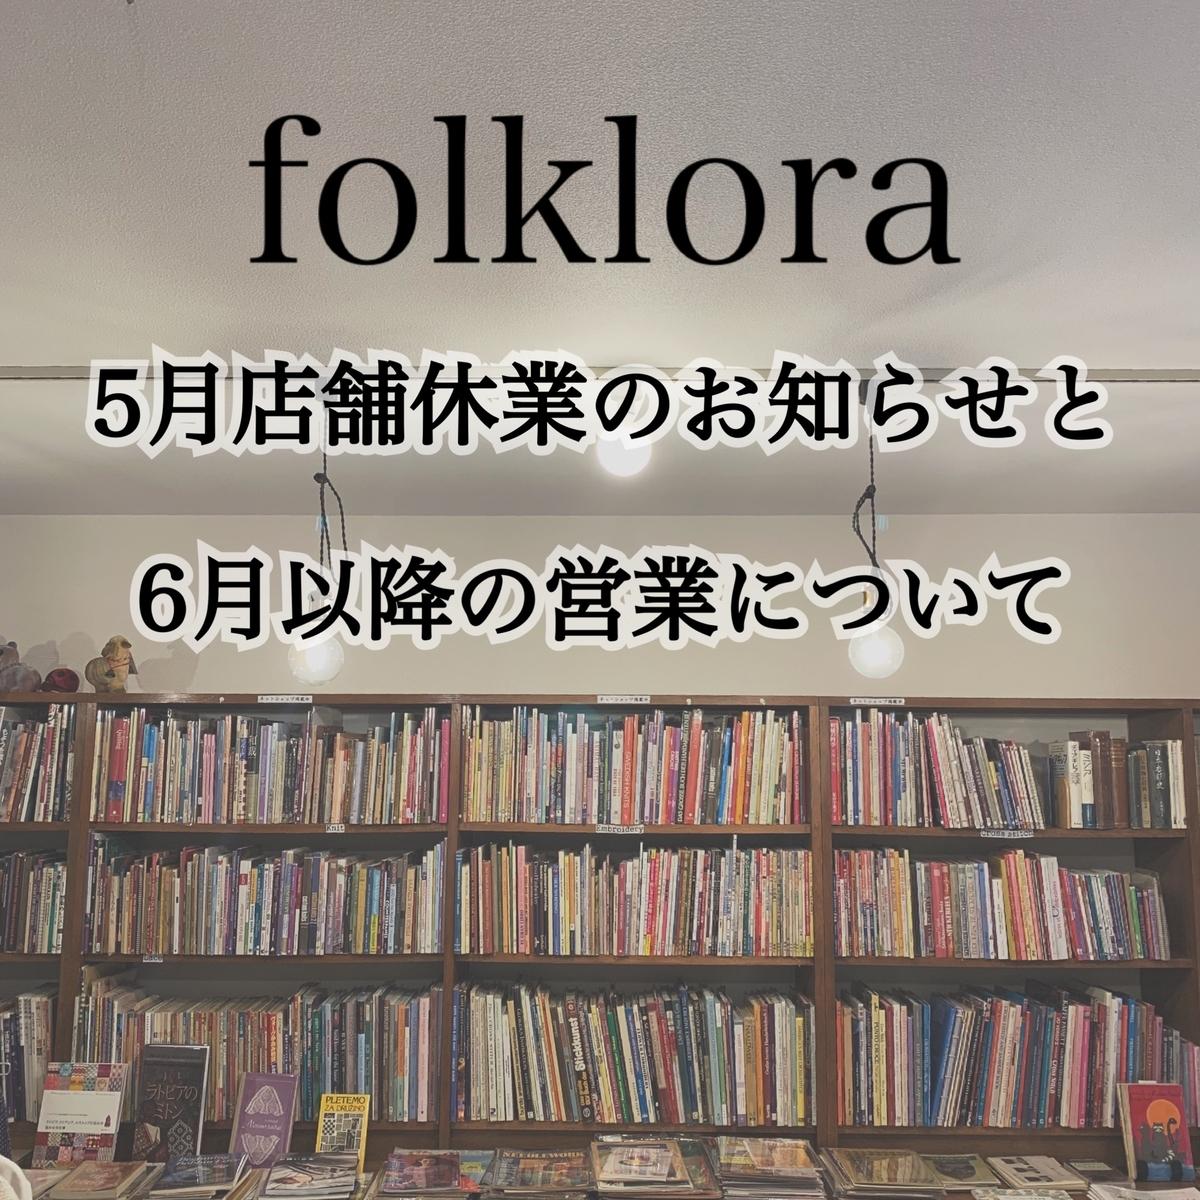 f:id:folklora:20210511155056j:plain